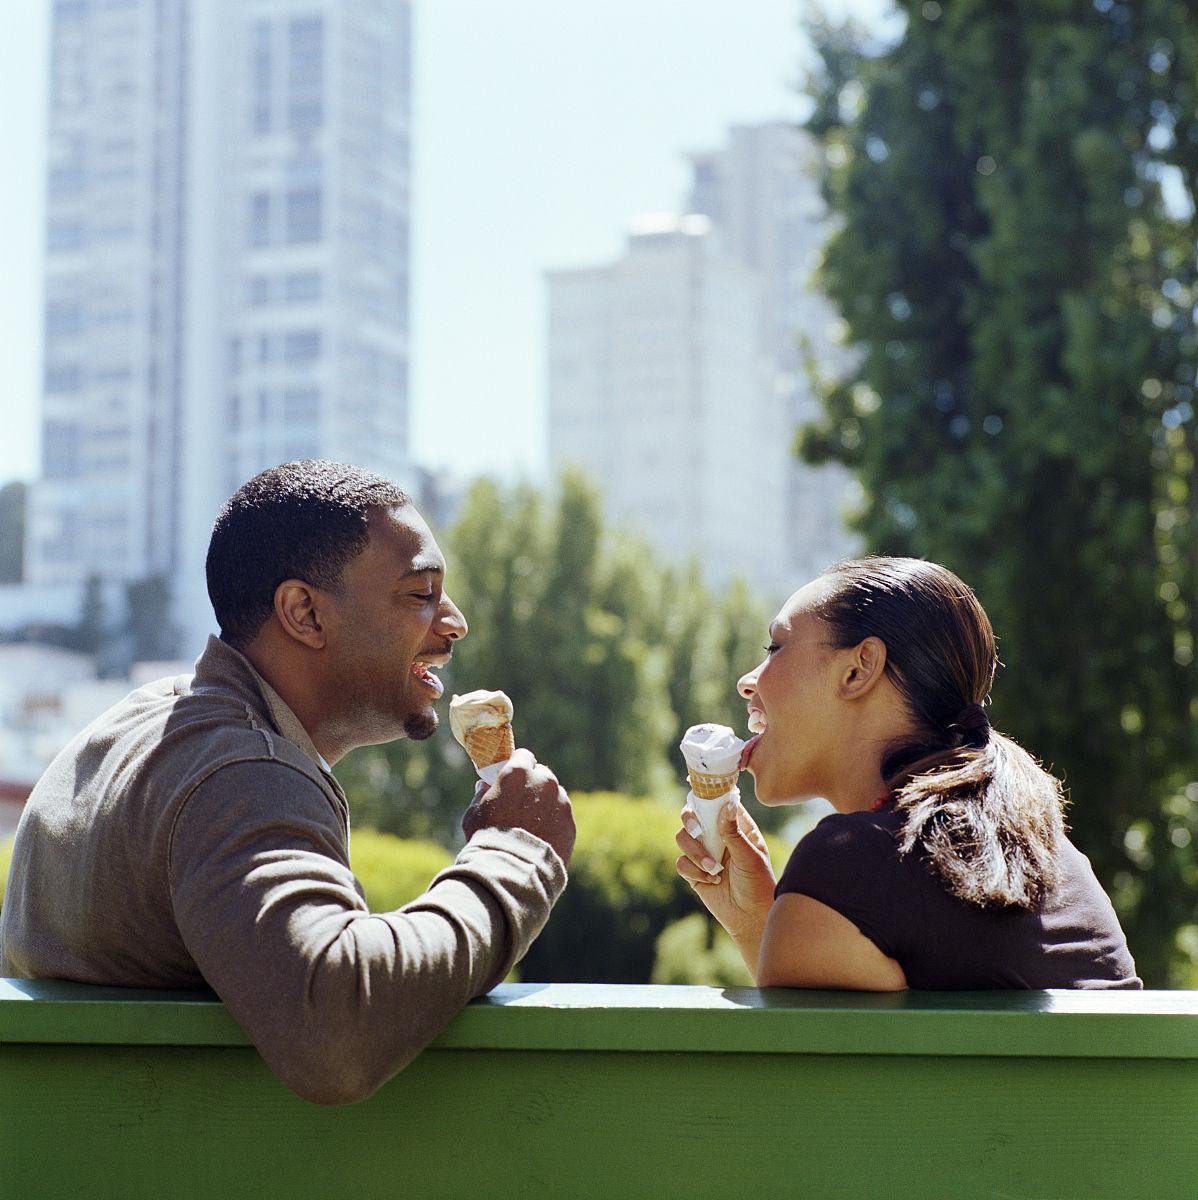 吃,快乐,满意,冰淇淋,冰淇淋蛋卷,坐,中加州,旧金山,黑色人种,非洲人图片